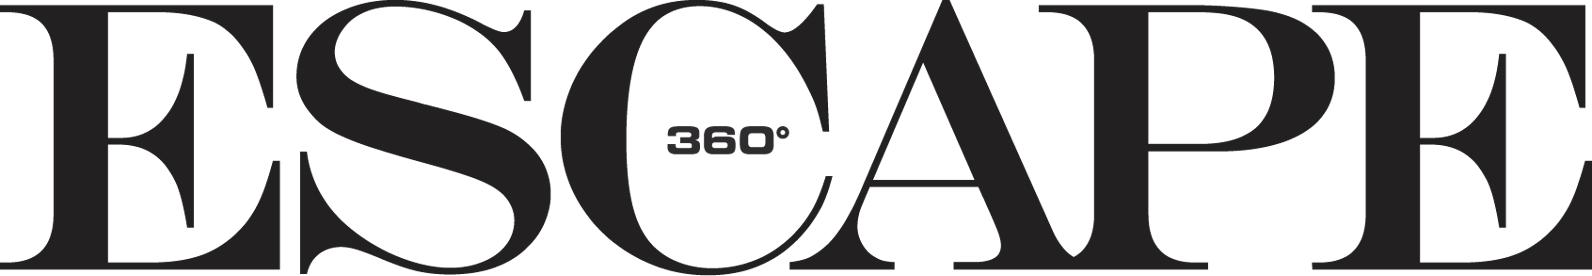 Escape 360 logo